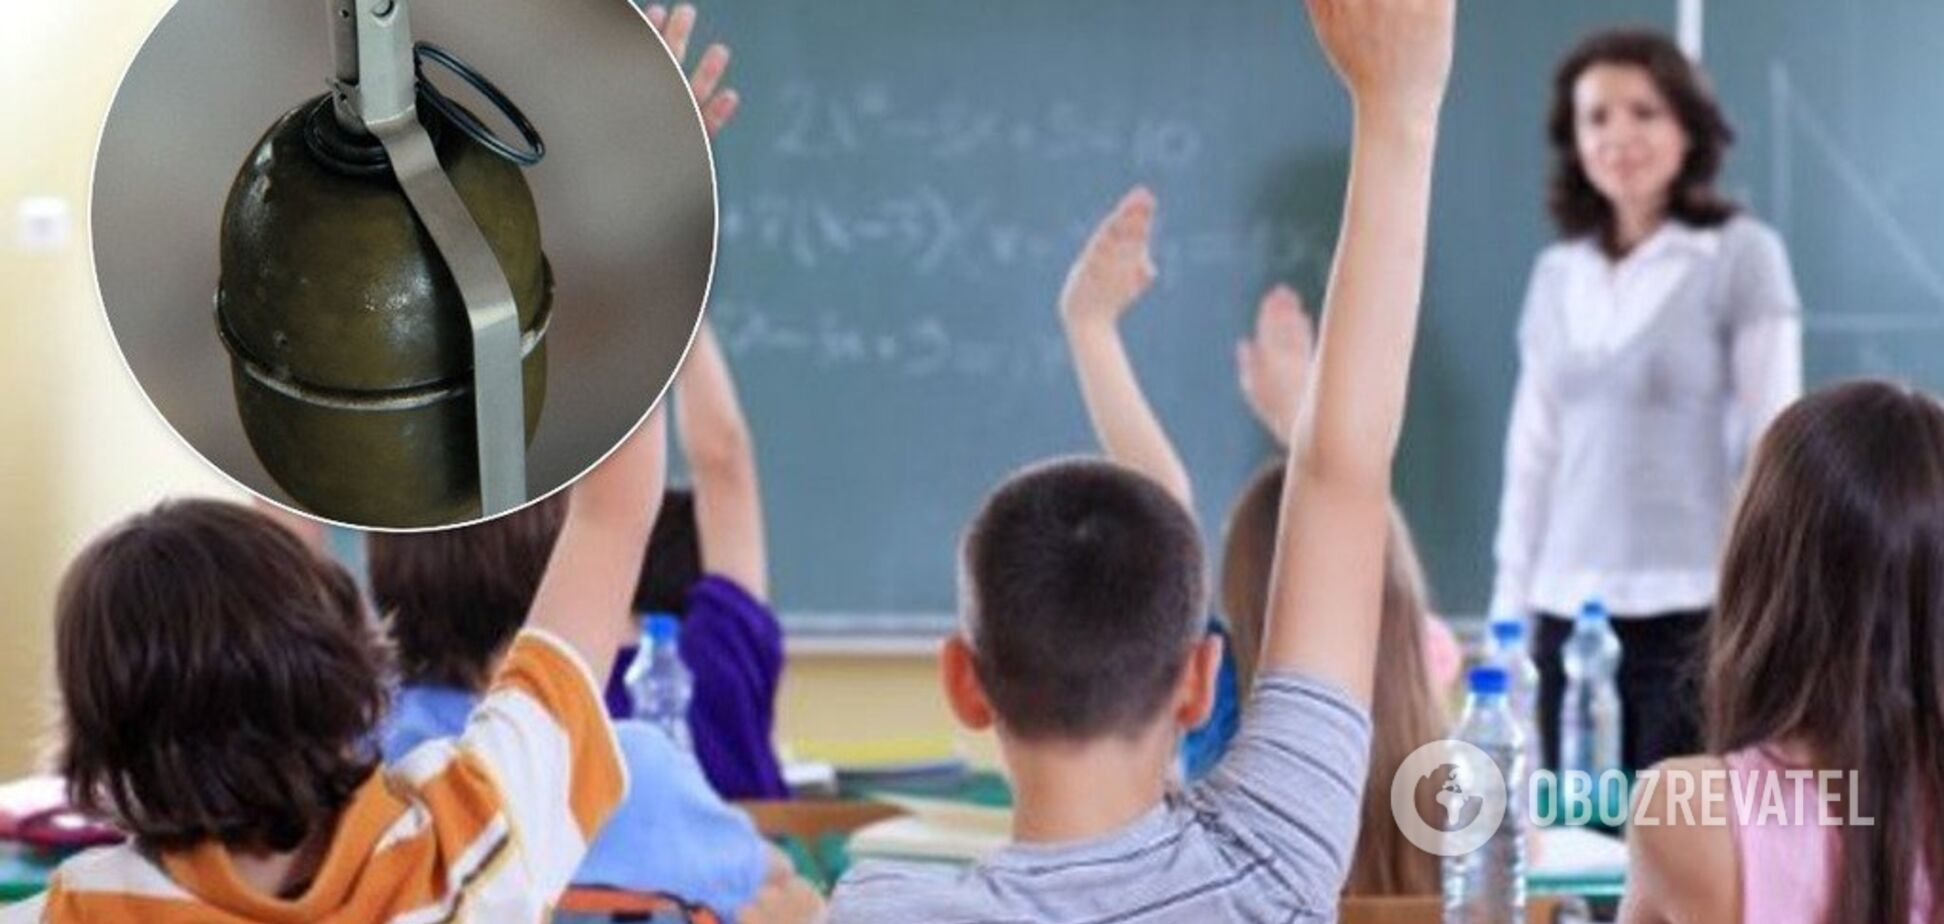 Було нудно: у Києві школяр кинув гранату в класі. Відео